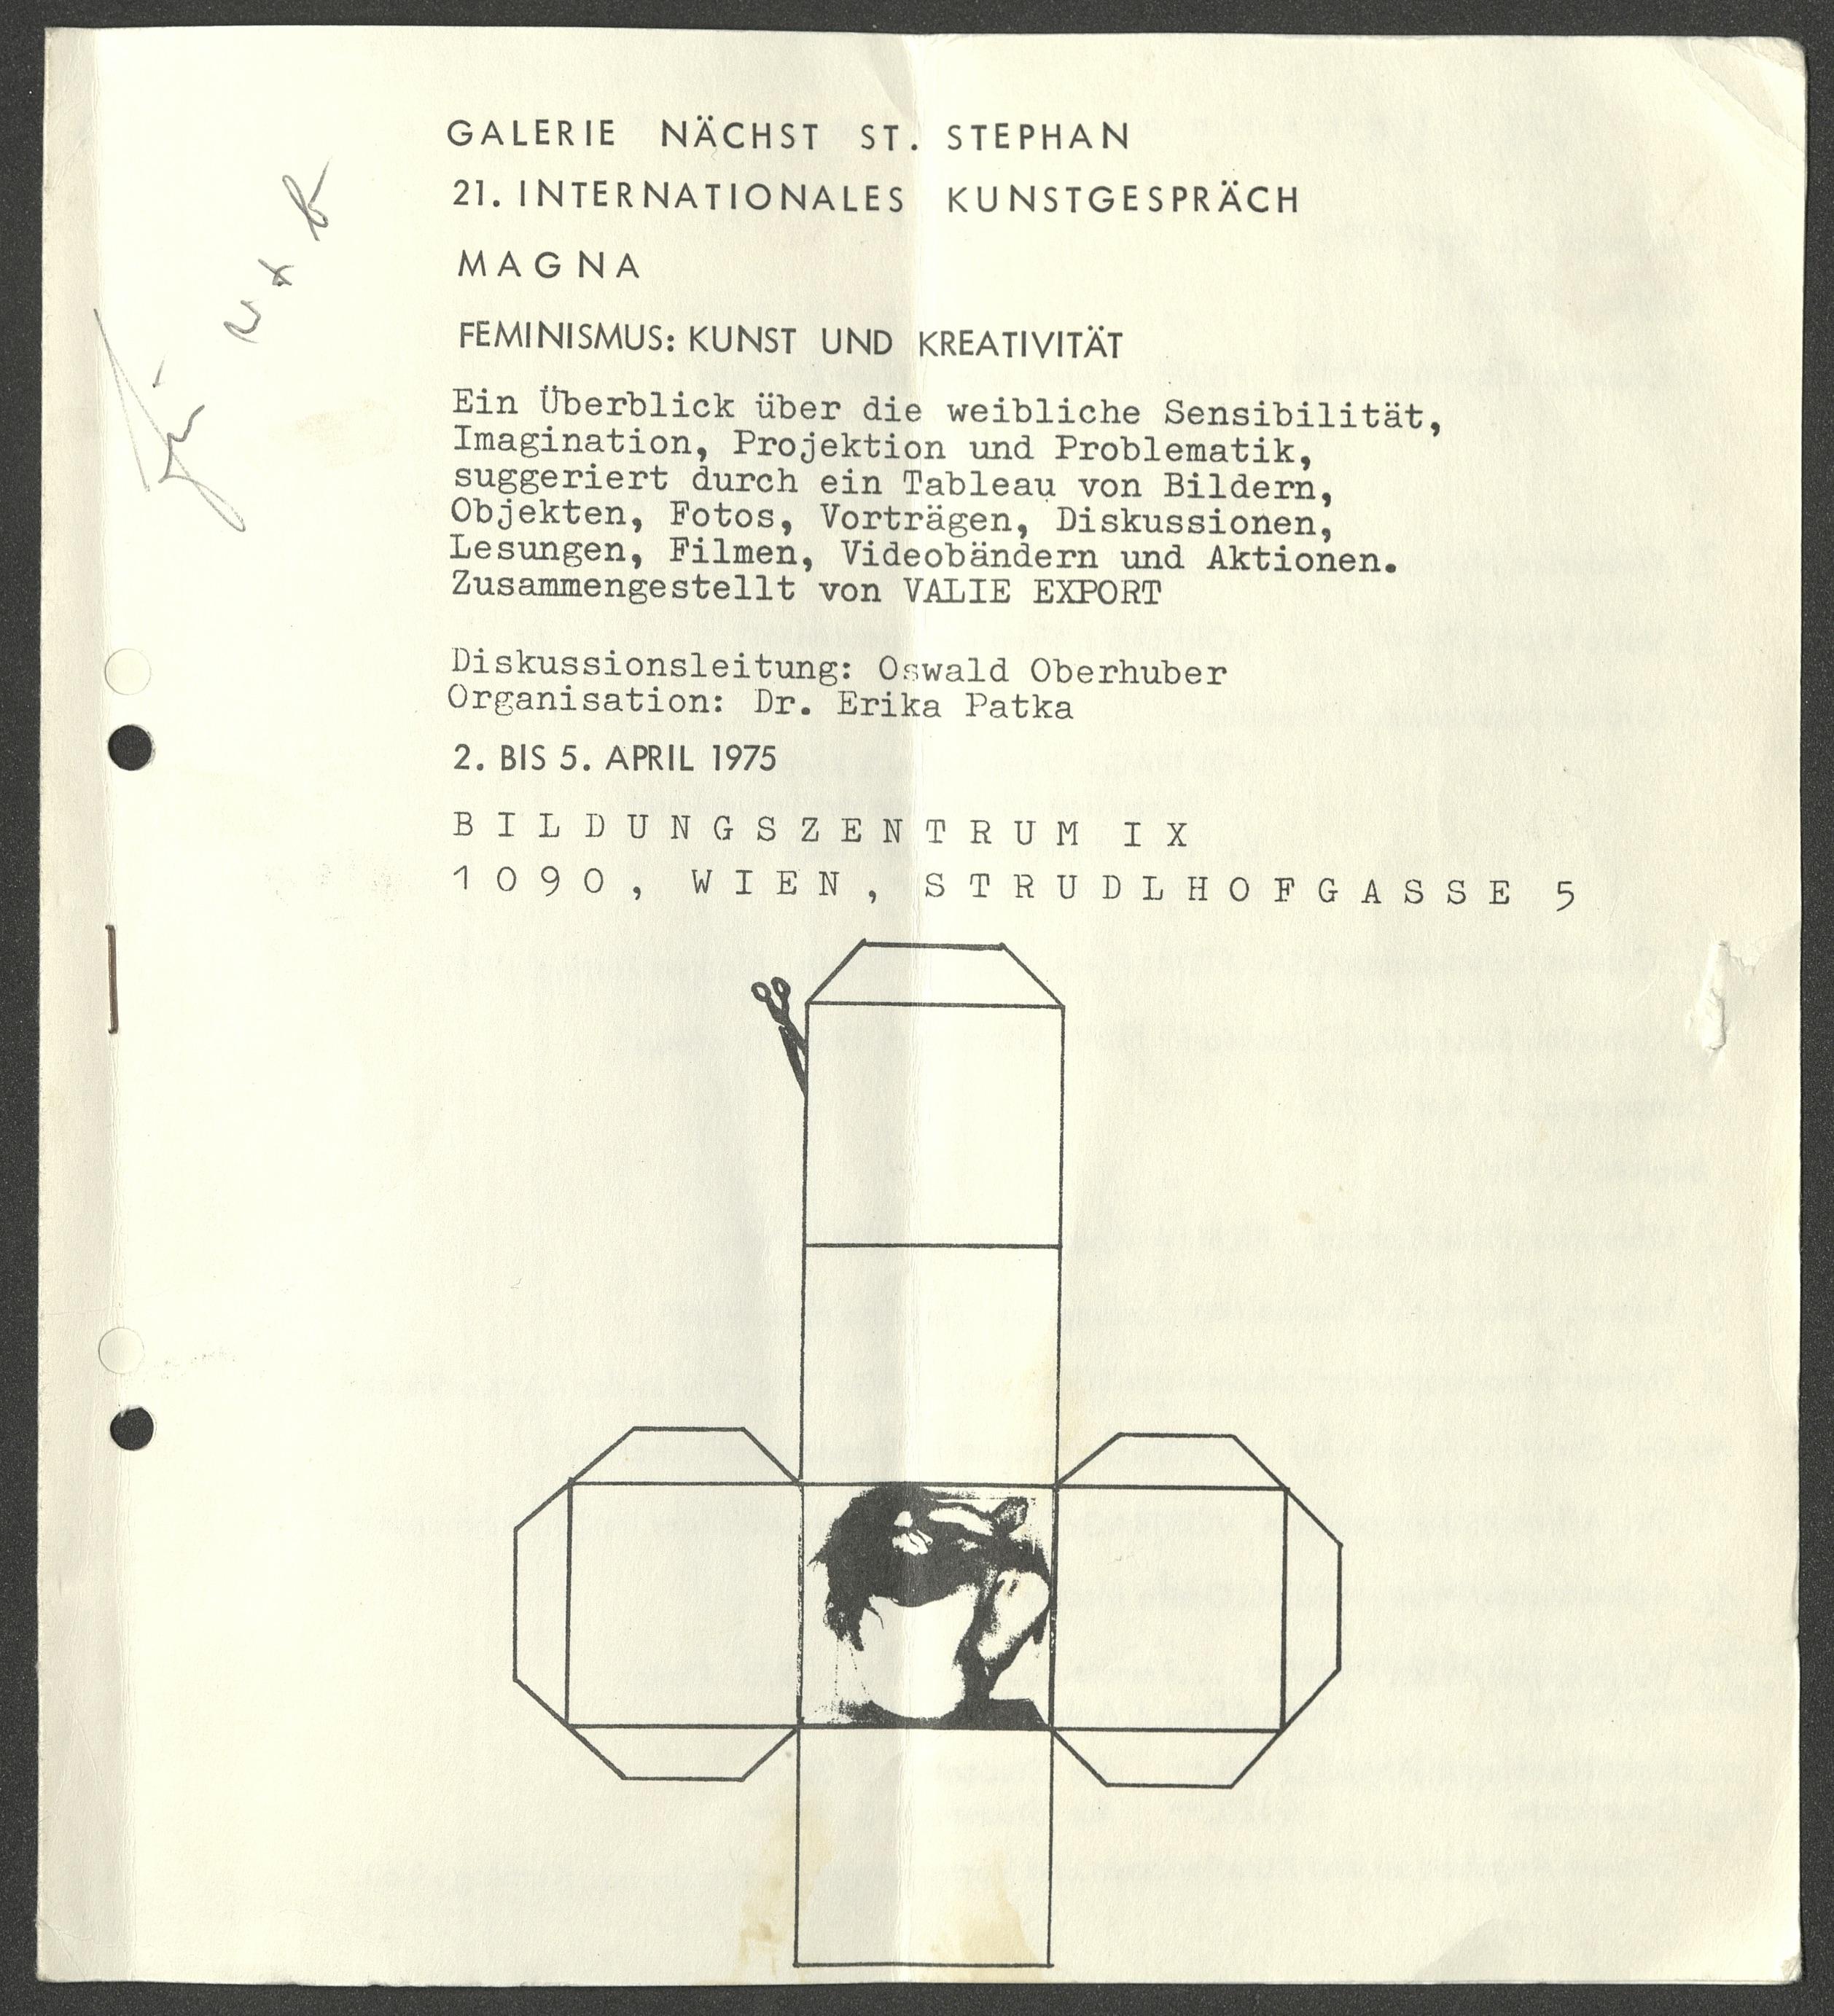 KUNST UND KREATIVITÄT, Galerie Nächst St. Stephan, Vienna 1975 (program/announcement); ; Archiv der Avantgarden, Staatliche Kunstsammlungen Dresden